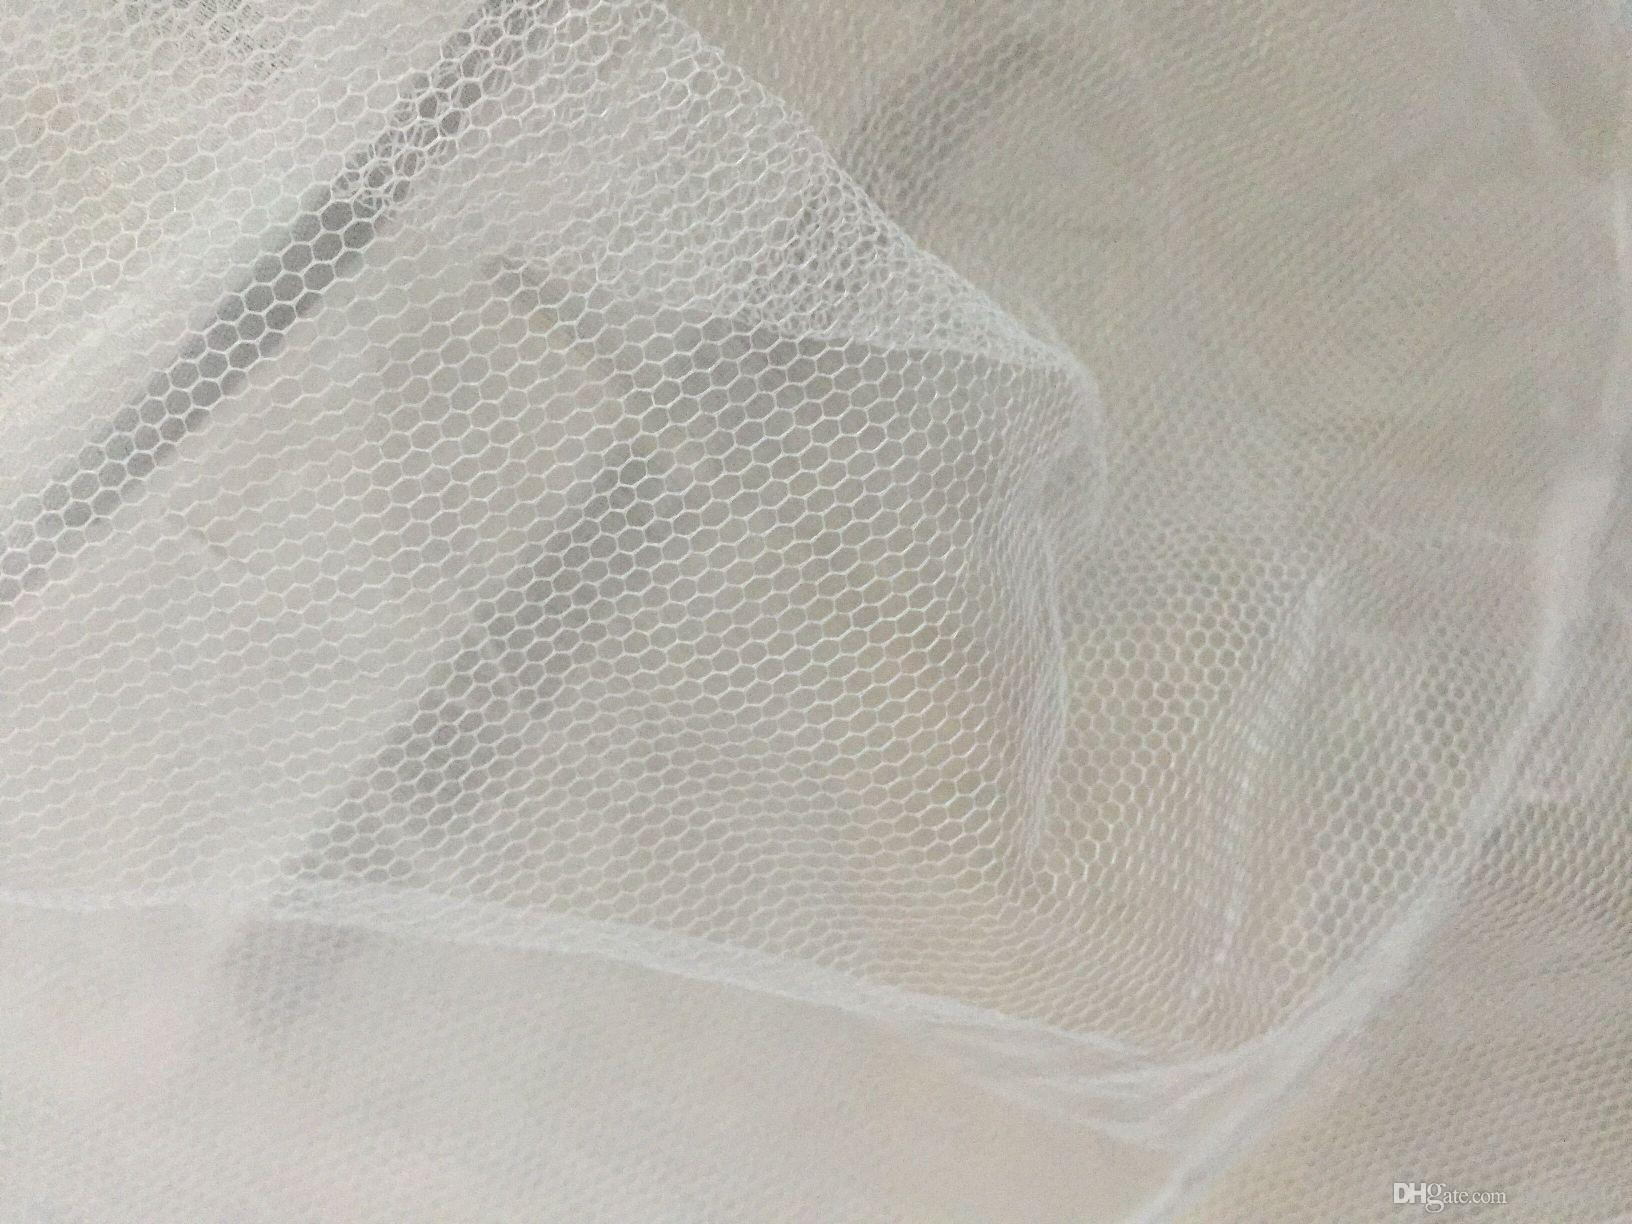 Xangai História Hot Sale 3 Hoop Bola Vestido Osso Completo Crinolina Anáguas Para O Casamento Vestido de Casamento Saia Acessórios Deslizamento QC-01